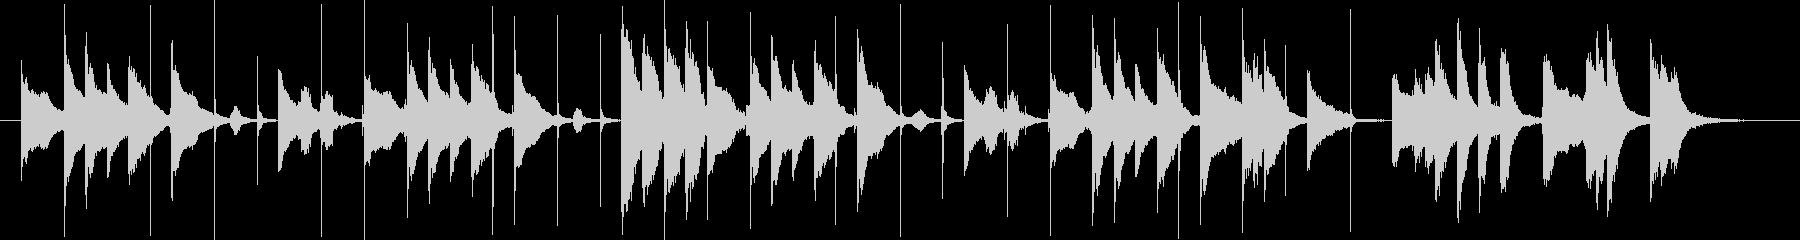 コミカルな短いBGMの未再生の波形